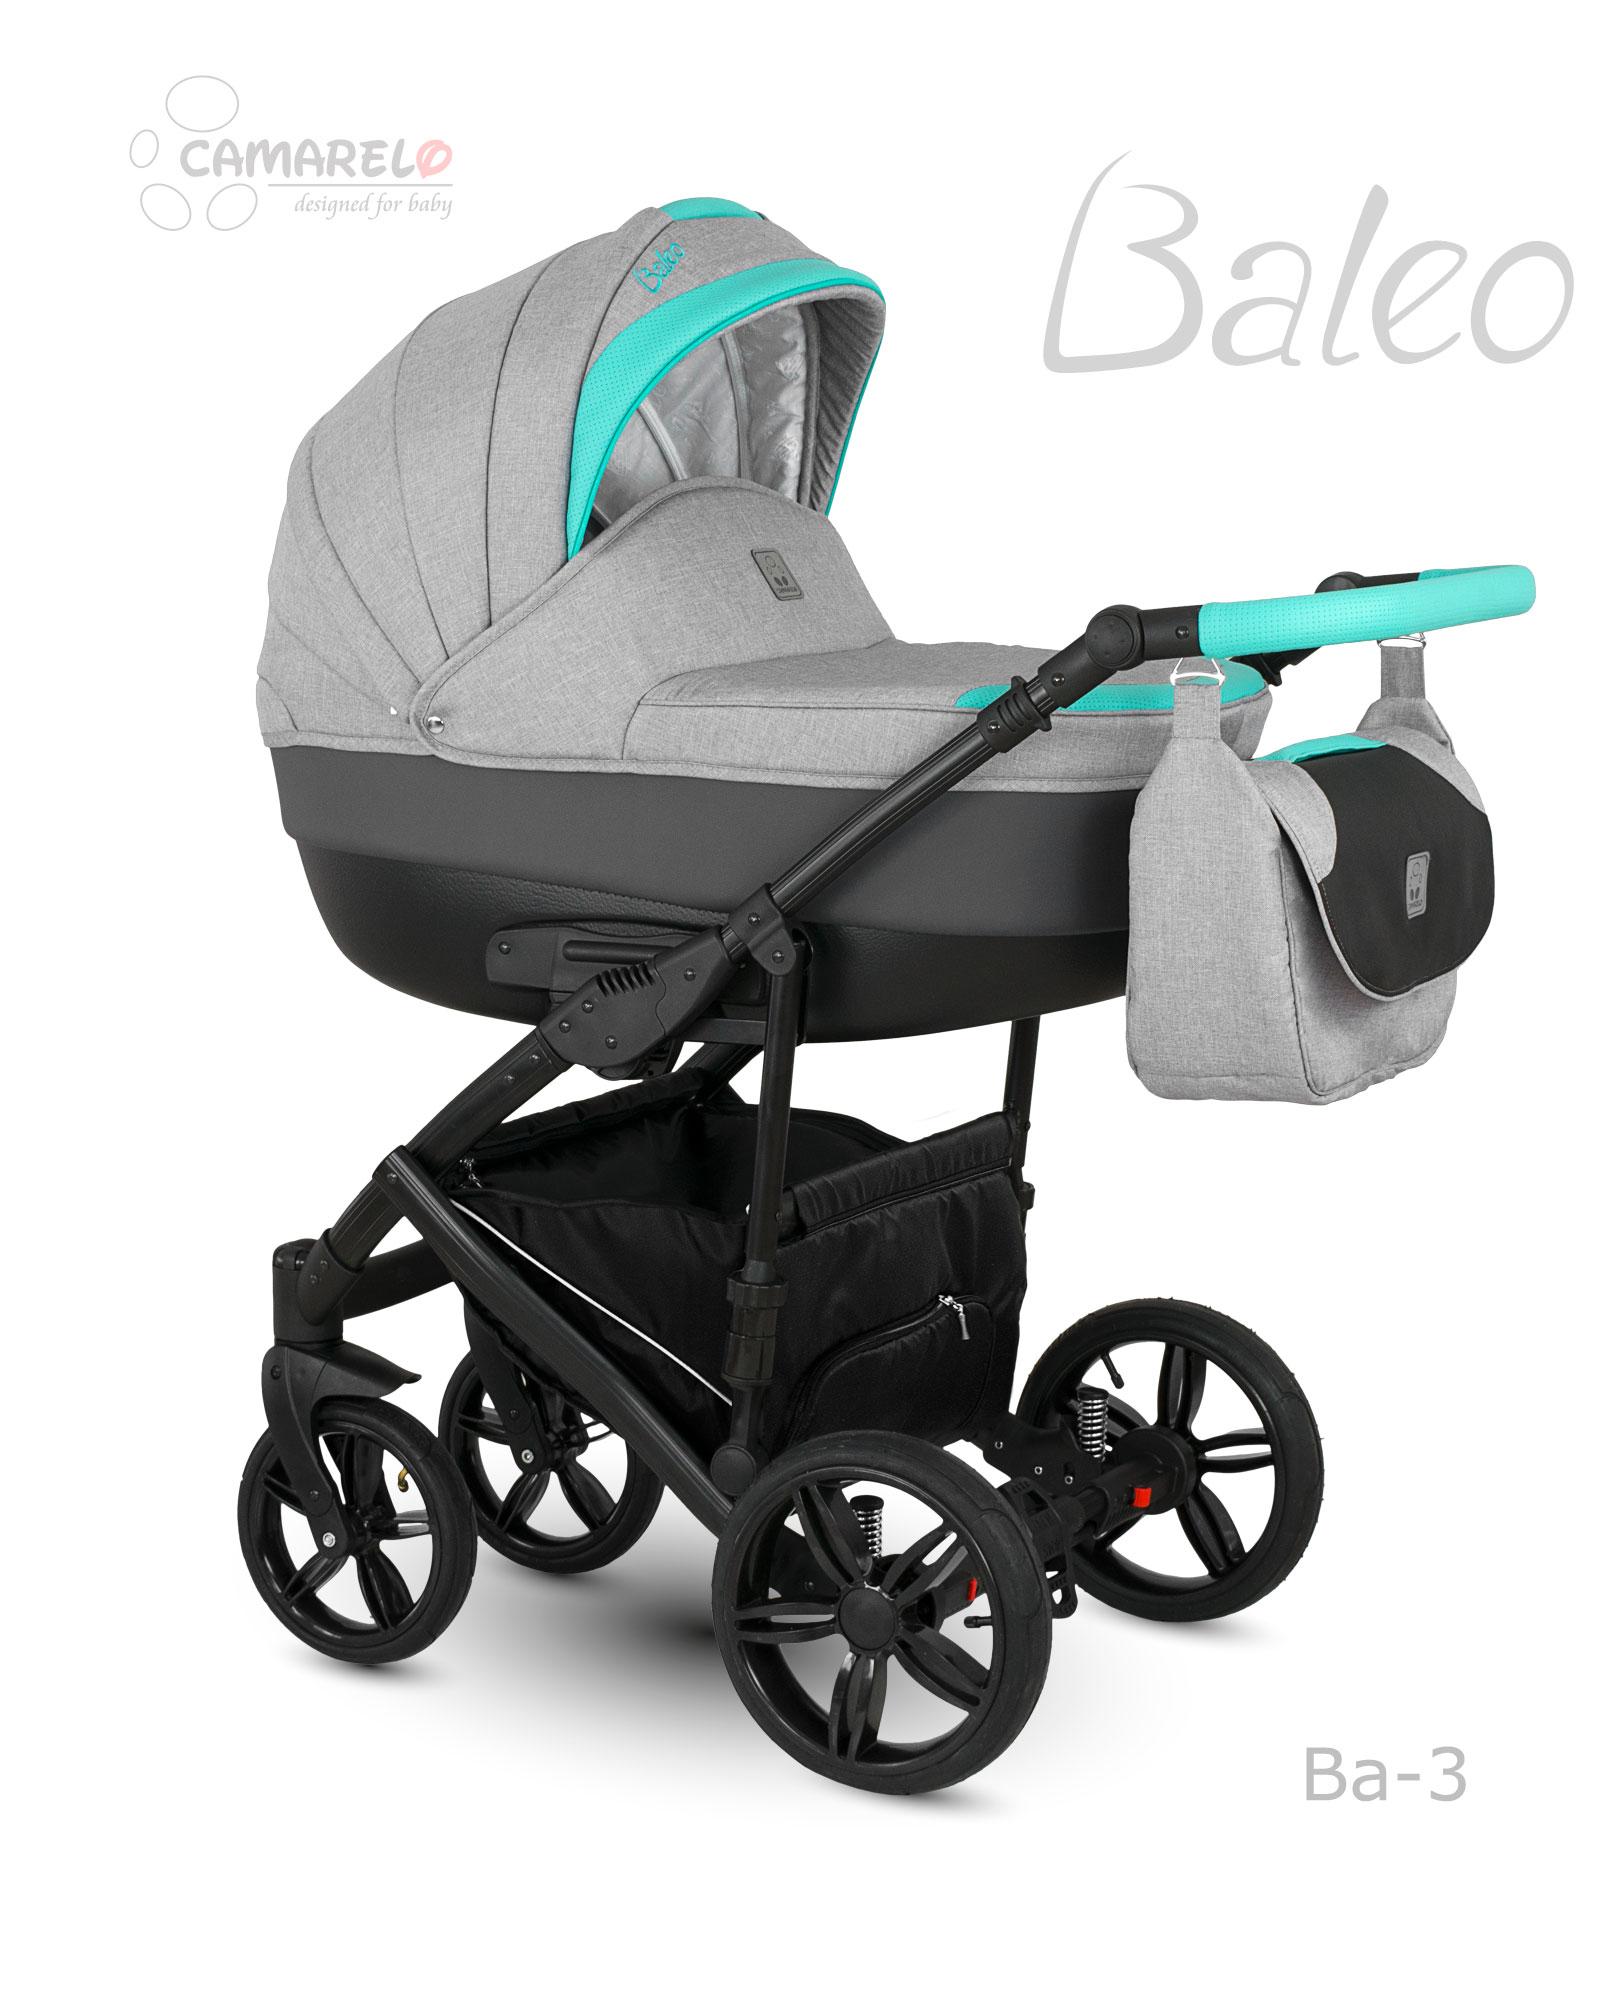 Baleo-Ba03a